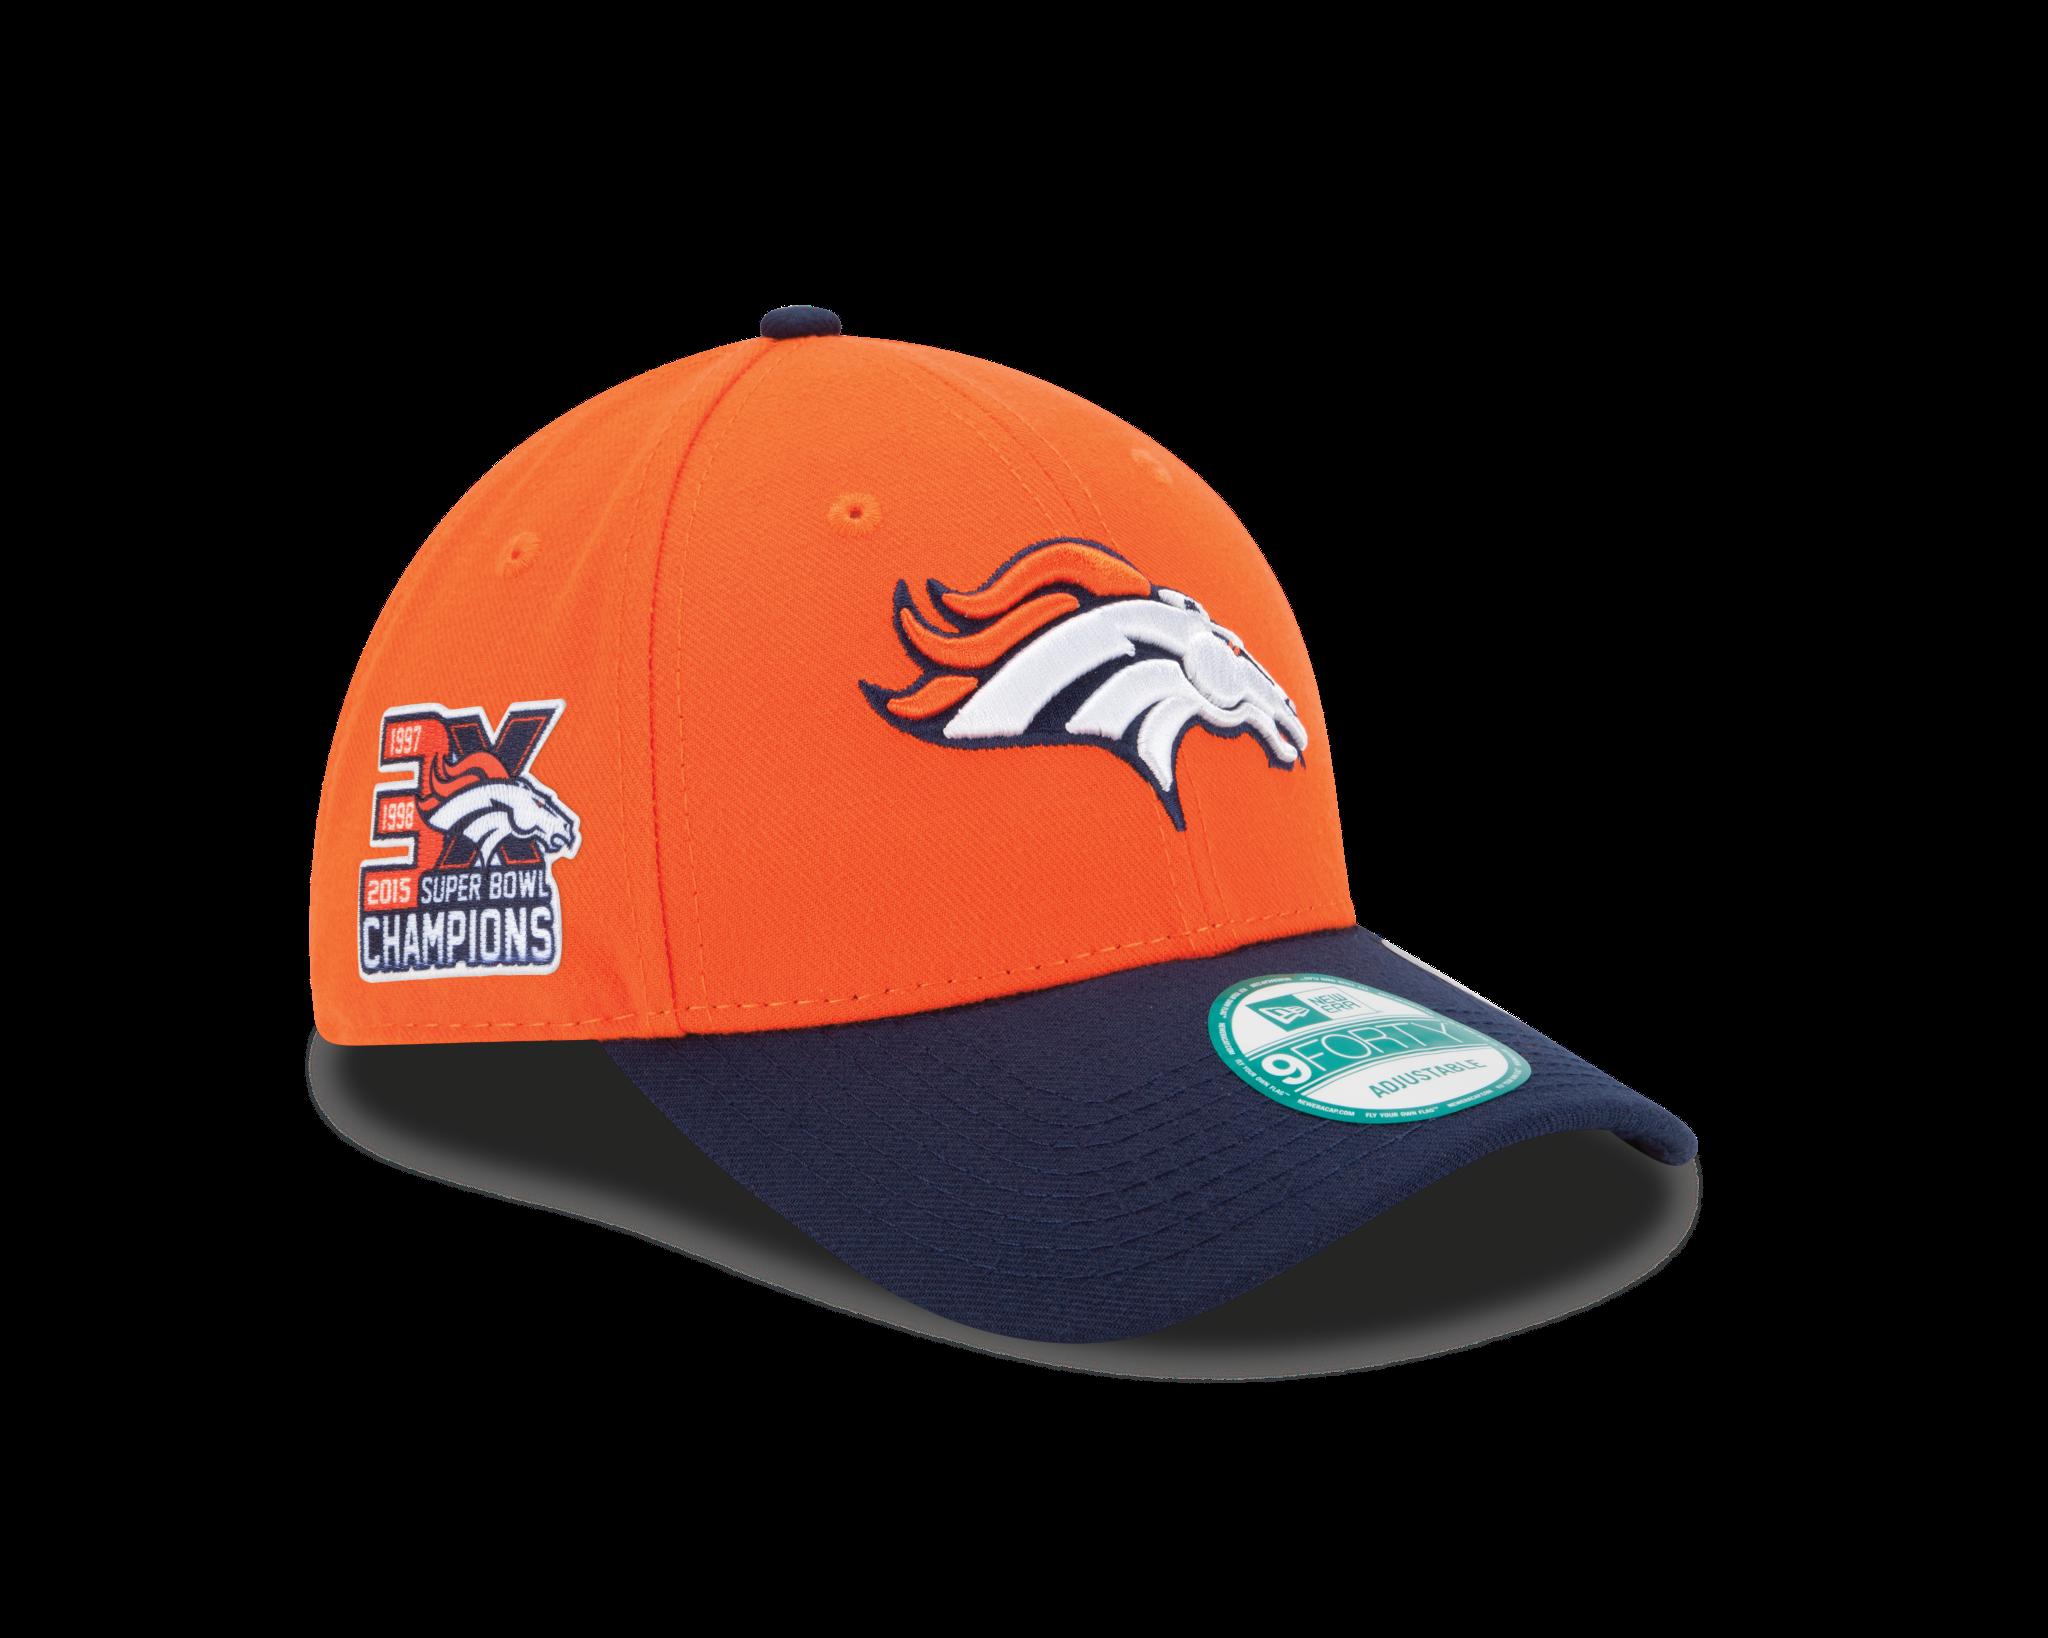 41fd16cac92 Men s Denver Broncos New Era Orange Navy 3X Super Bowl Champs 9FORTY  Adjustable Hat